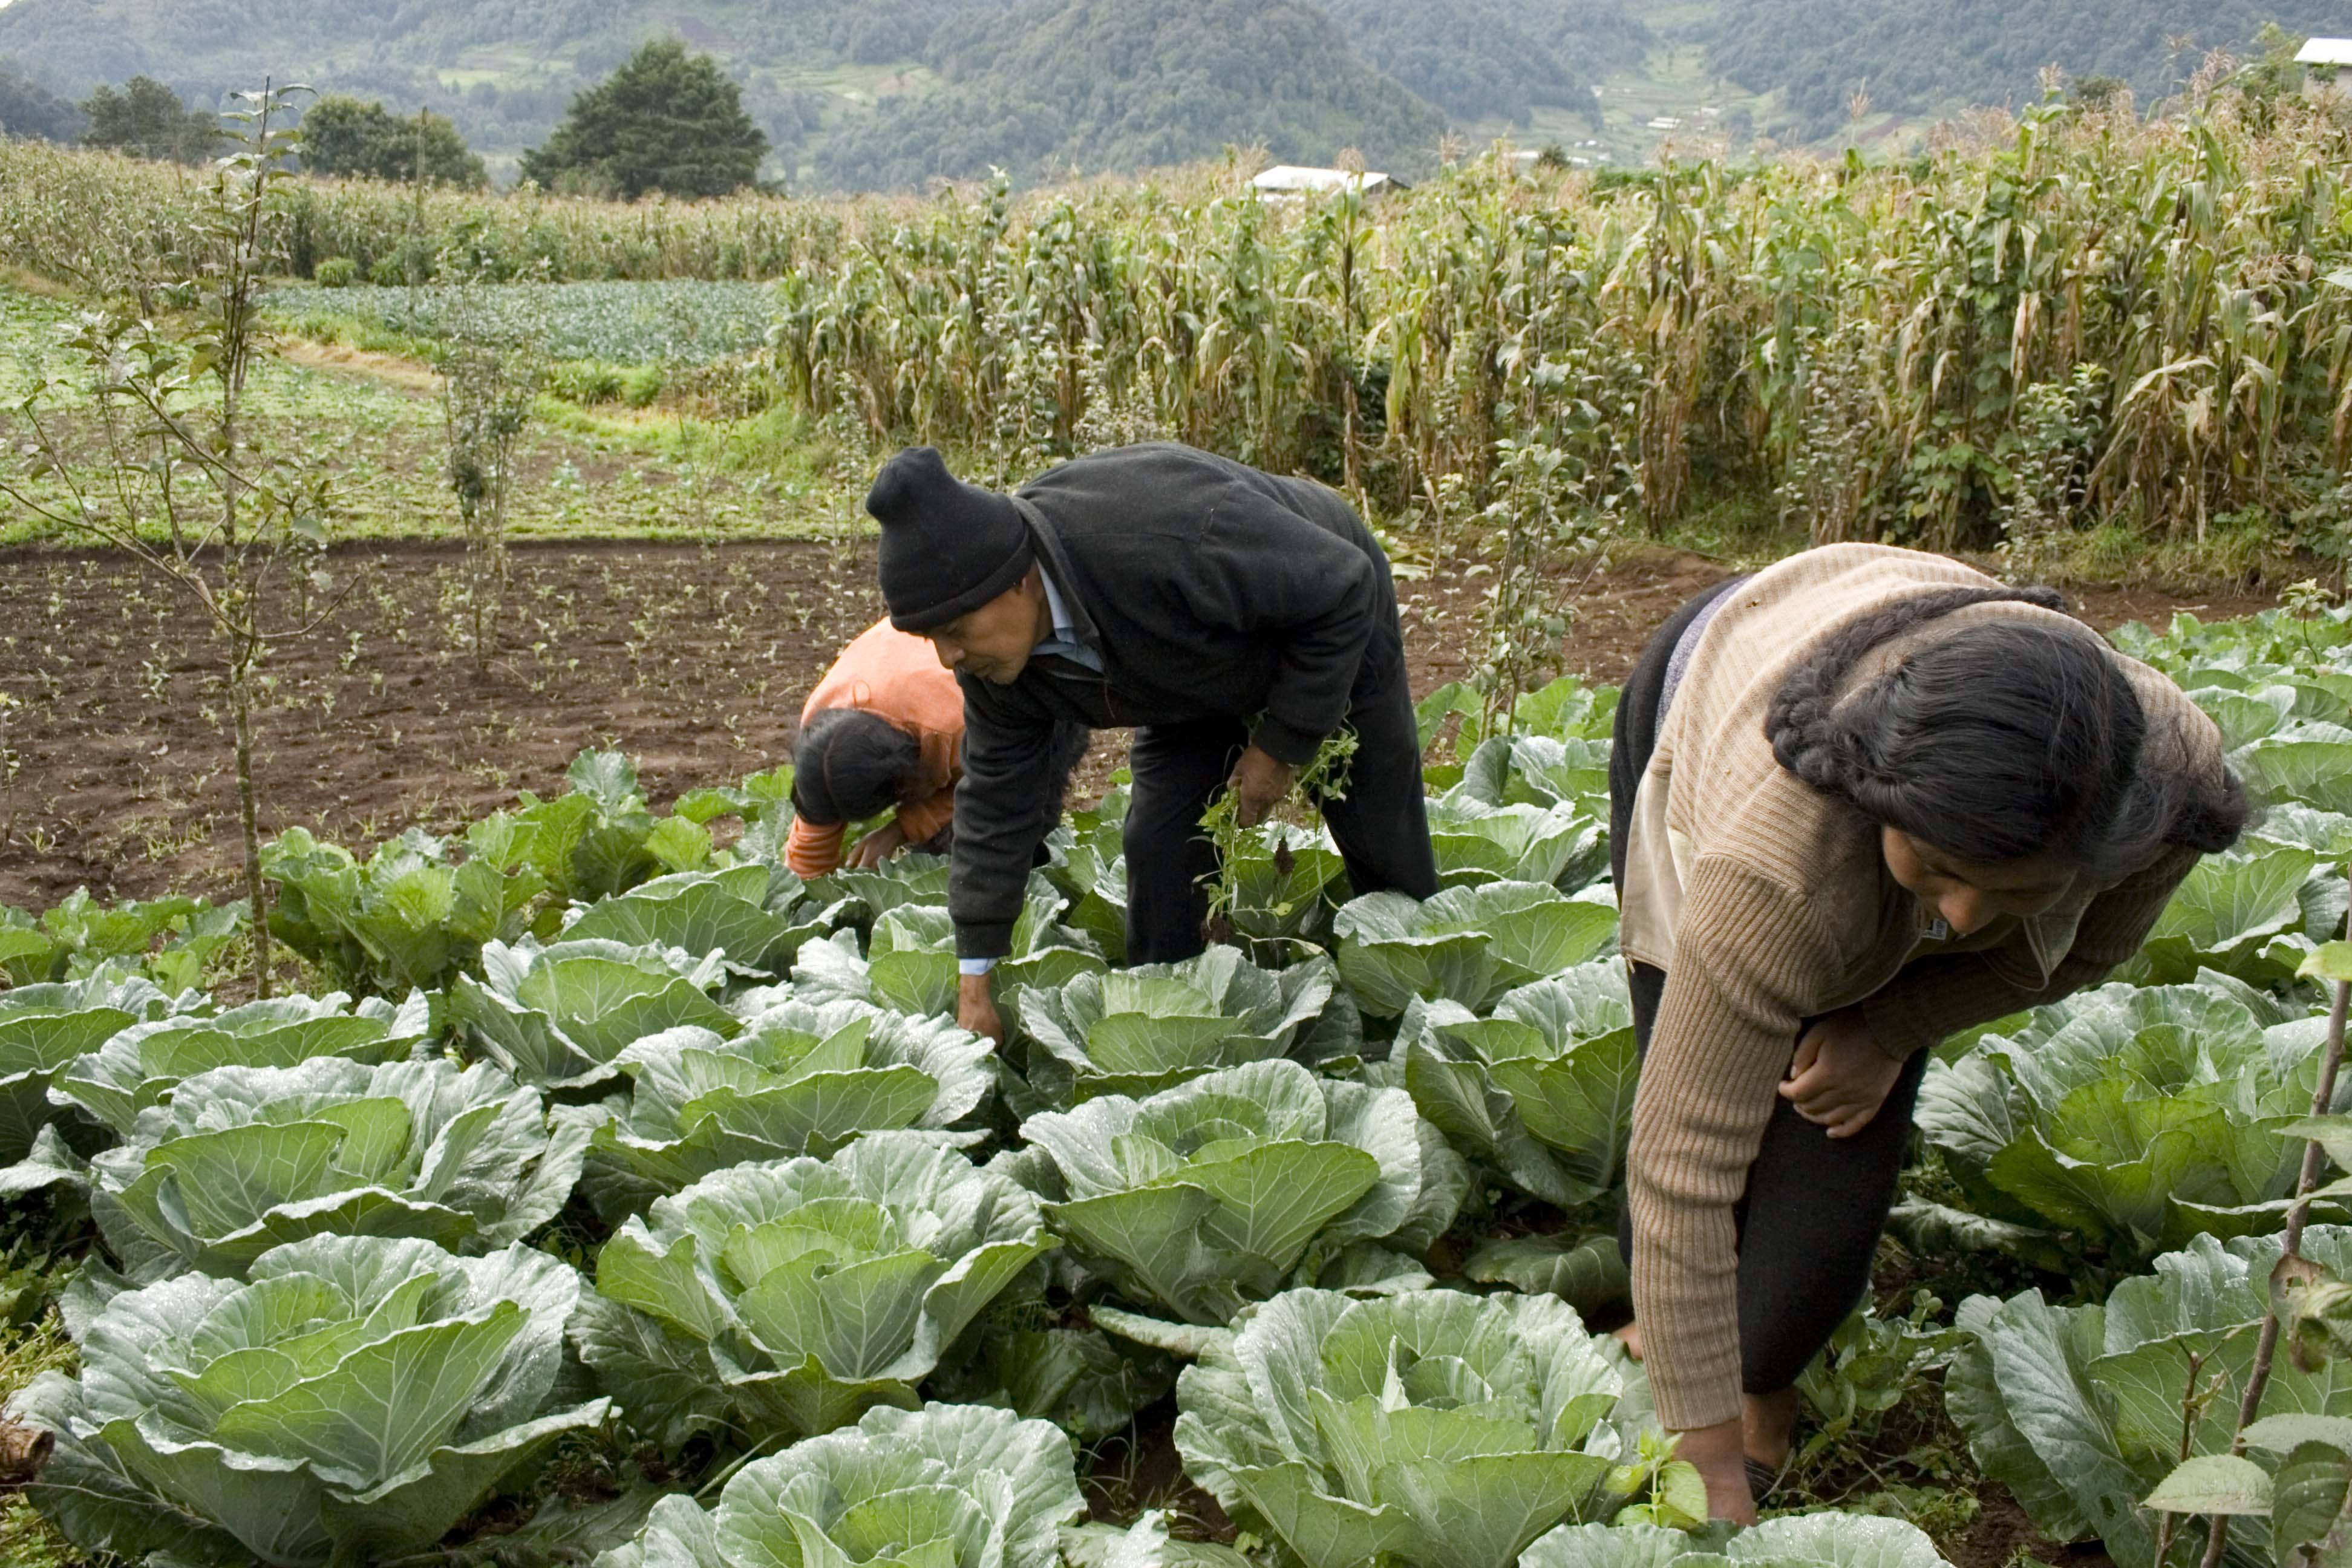 Suben los precios de casi todos los alimentos básicos, advierte la FAO